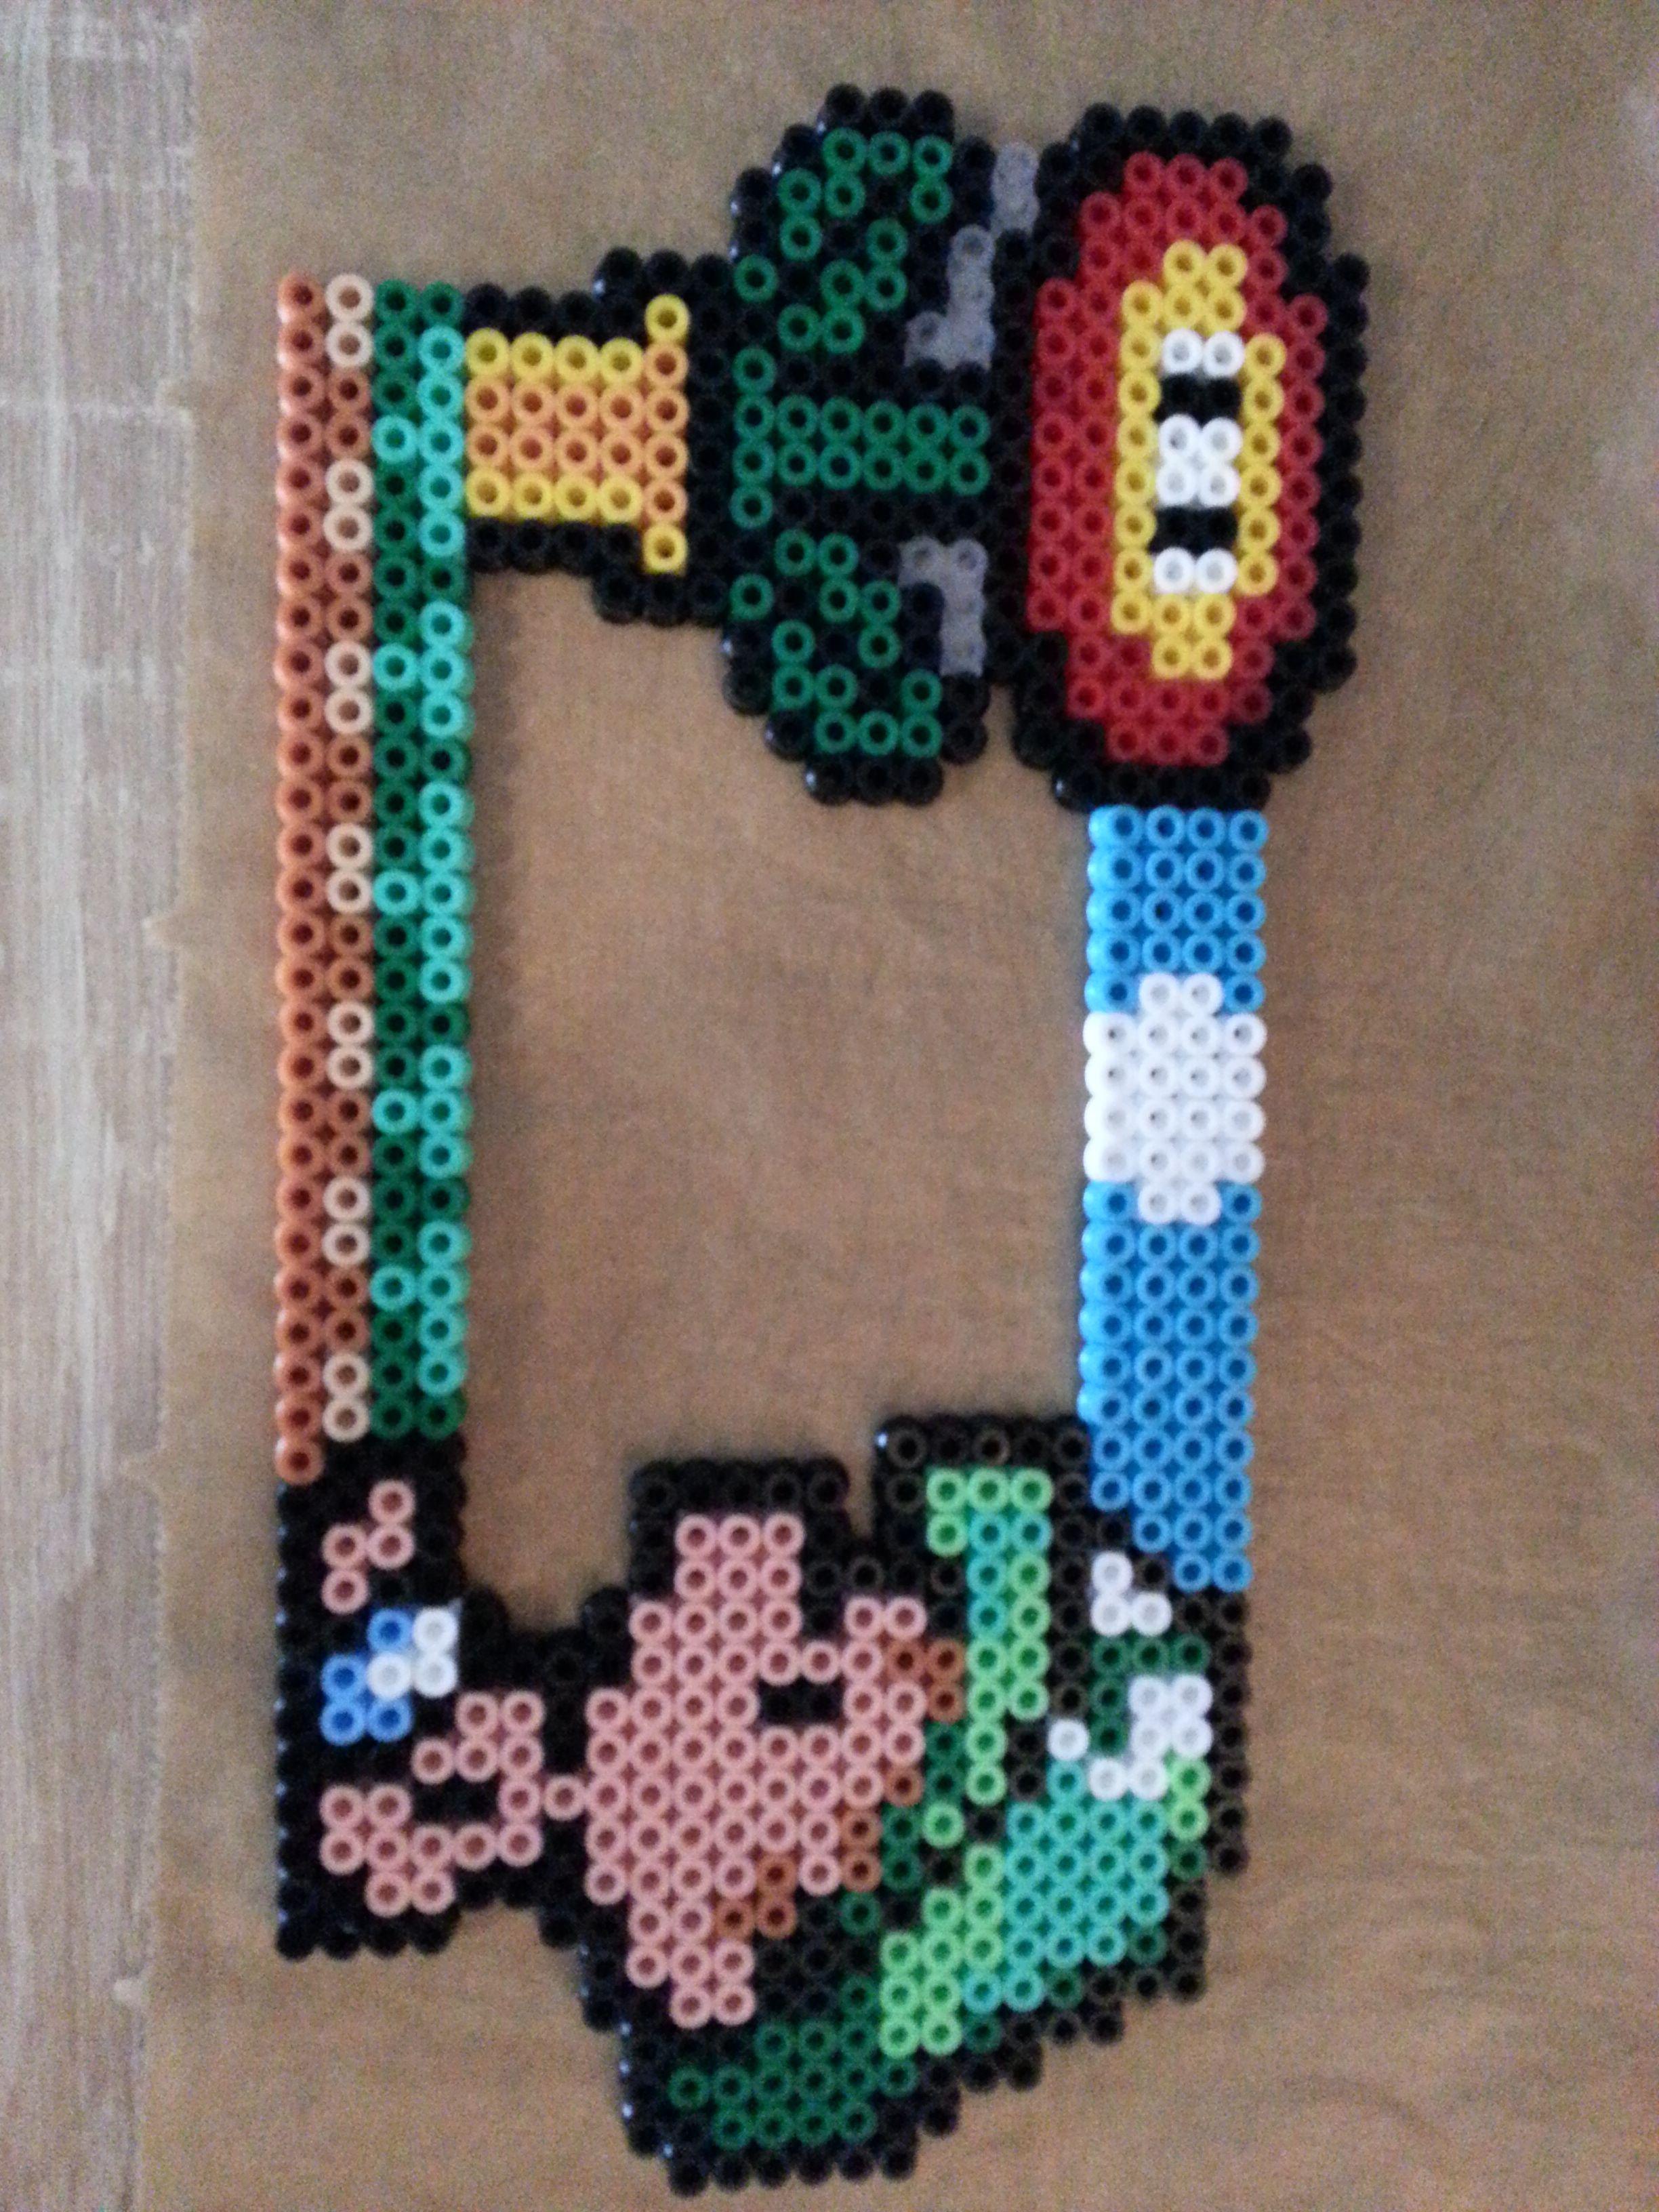 Bugelperlen Bilderrahmen Video Game Crafts Pinterest Perler